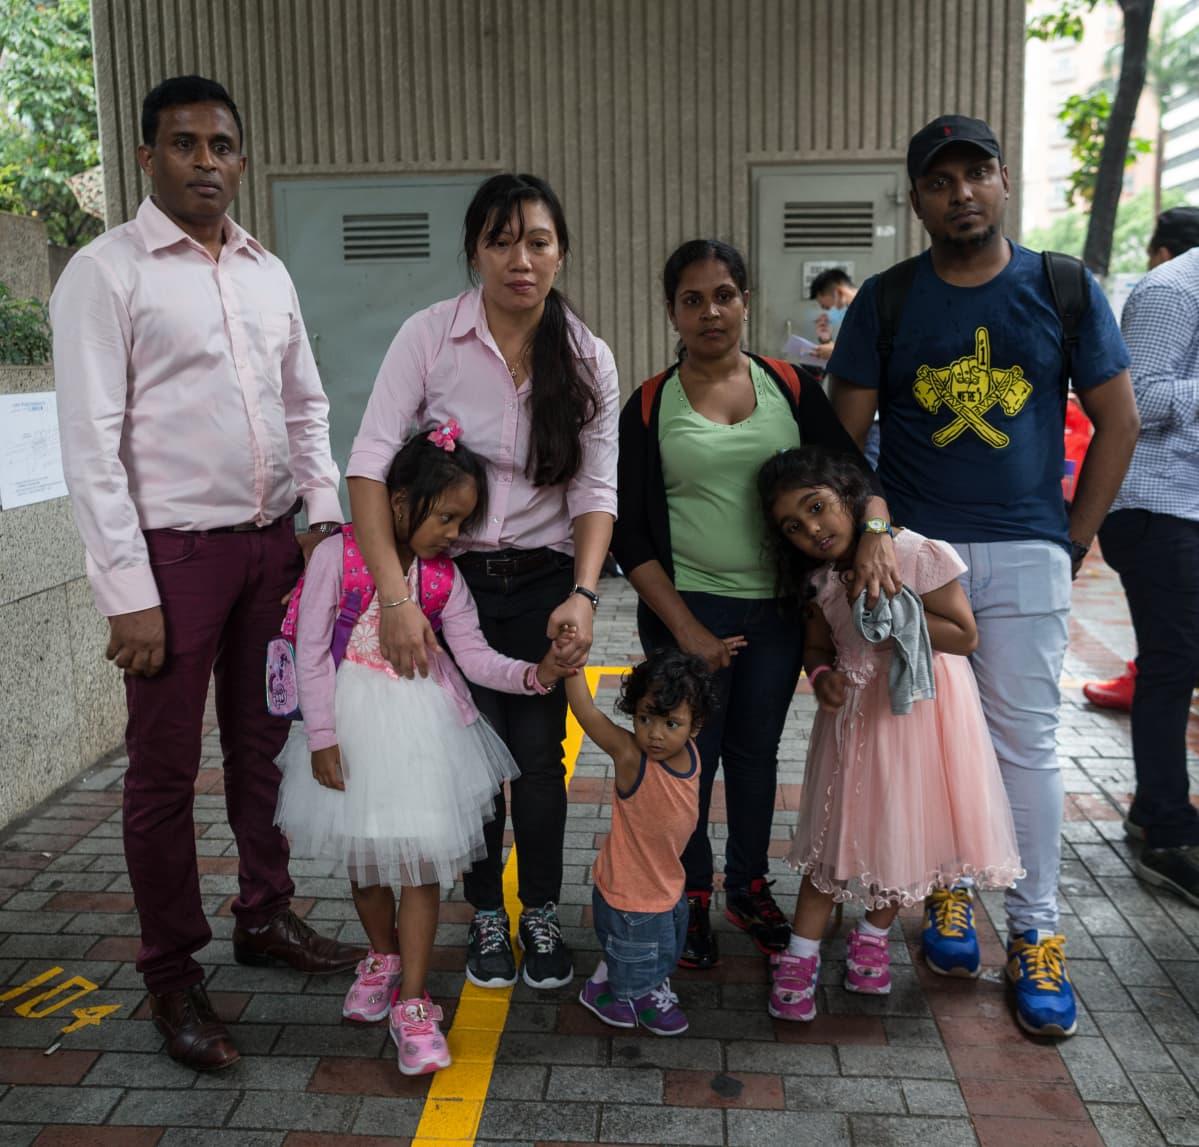 Snowdenia Hongkongissa majoittaneita ihmisiä.